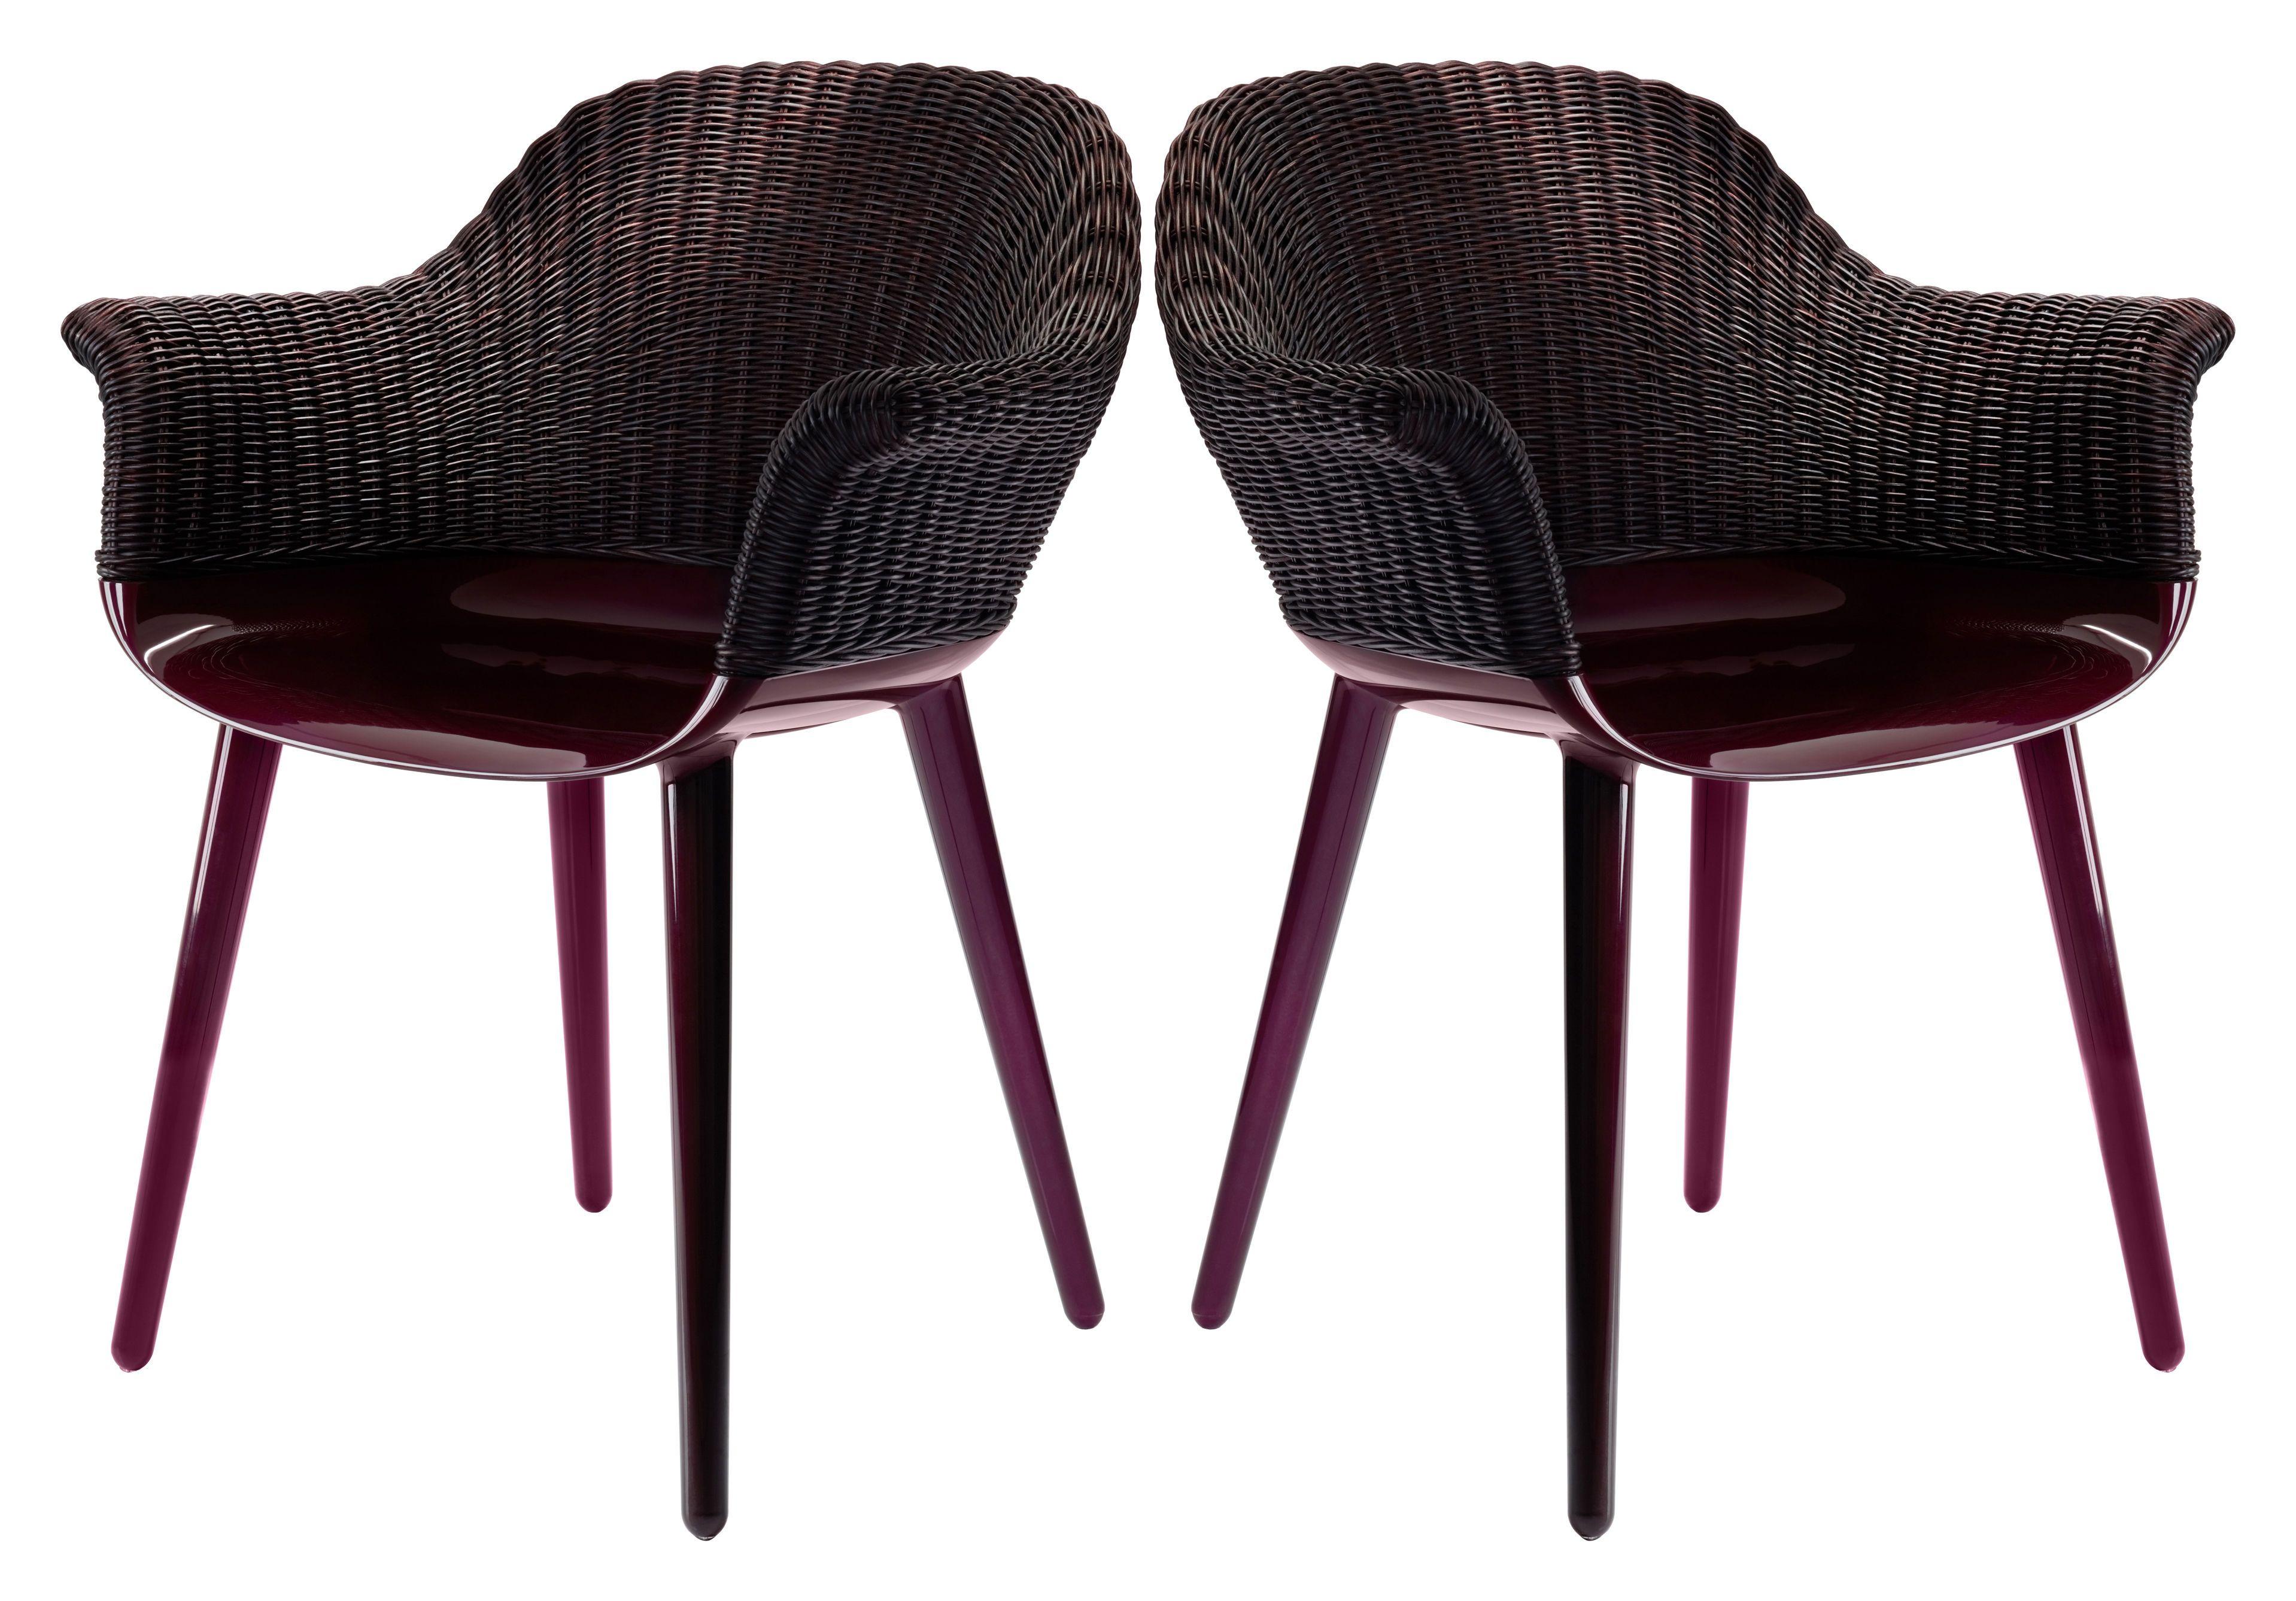 Cyborg Cozy Sessel 2er Set Geflochtene Ruckenlehne Limitierte Farb Auflage Magis Magis Furniture Fabric Marcel Wanders